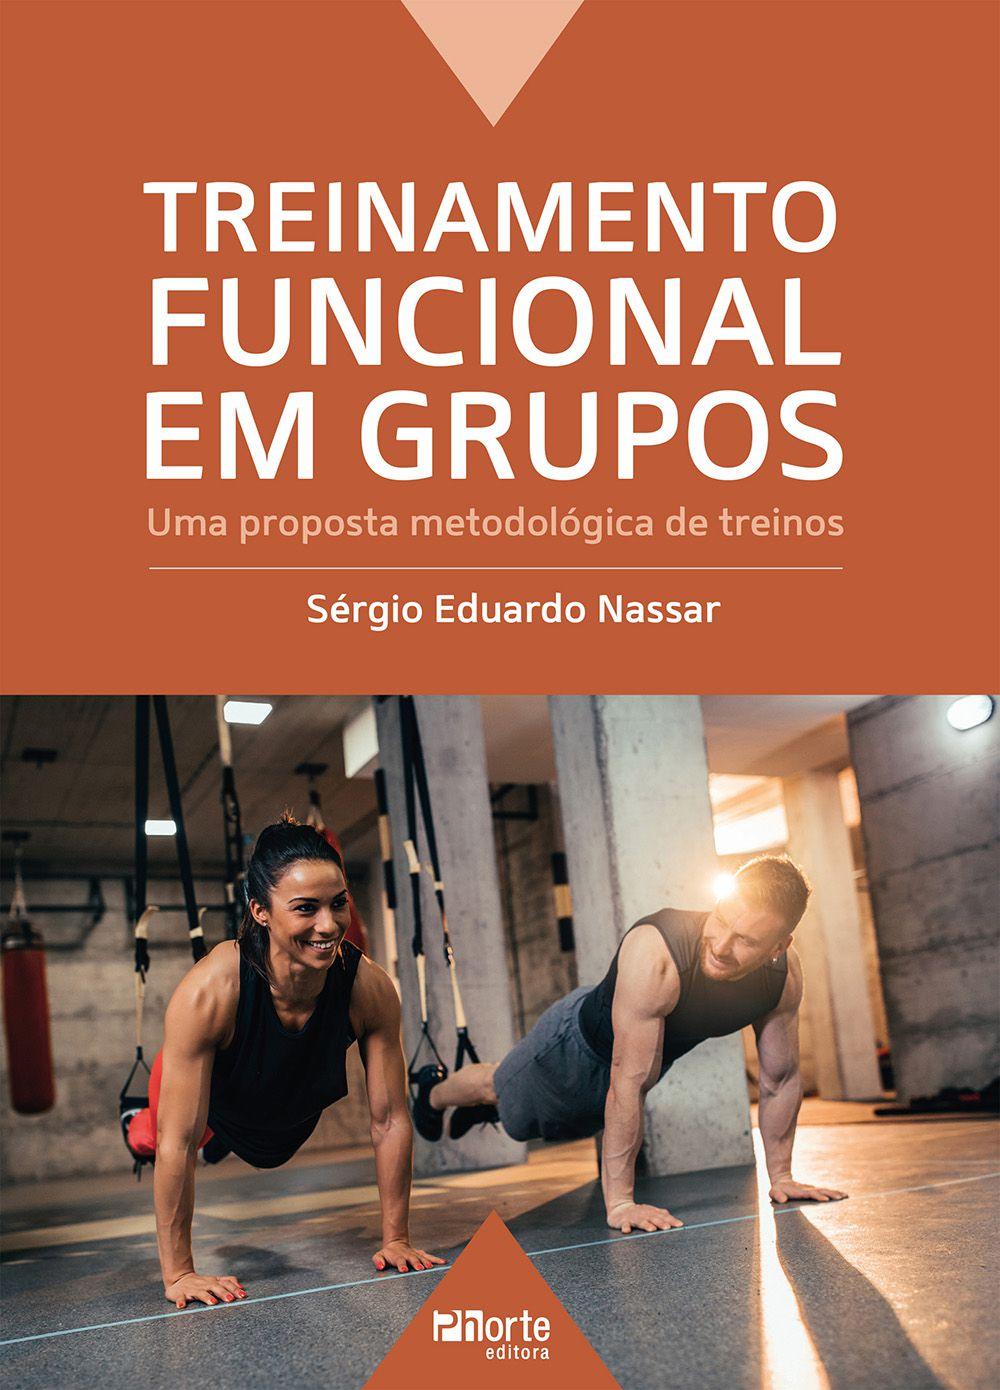 Treinamento Funcional em grupos: Uma proposta metodológico de treinos (Sérgio Eduardo Nassar)  - Phorte Editora